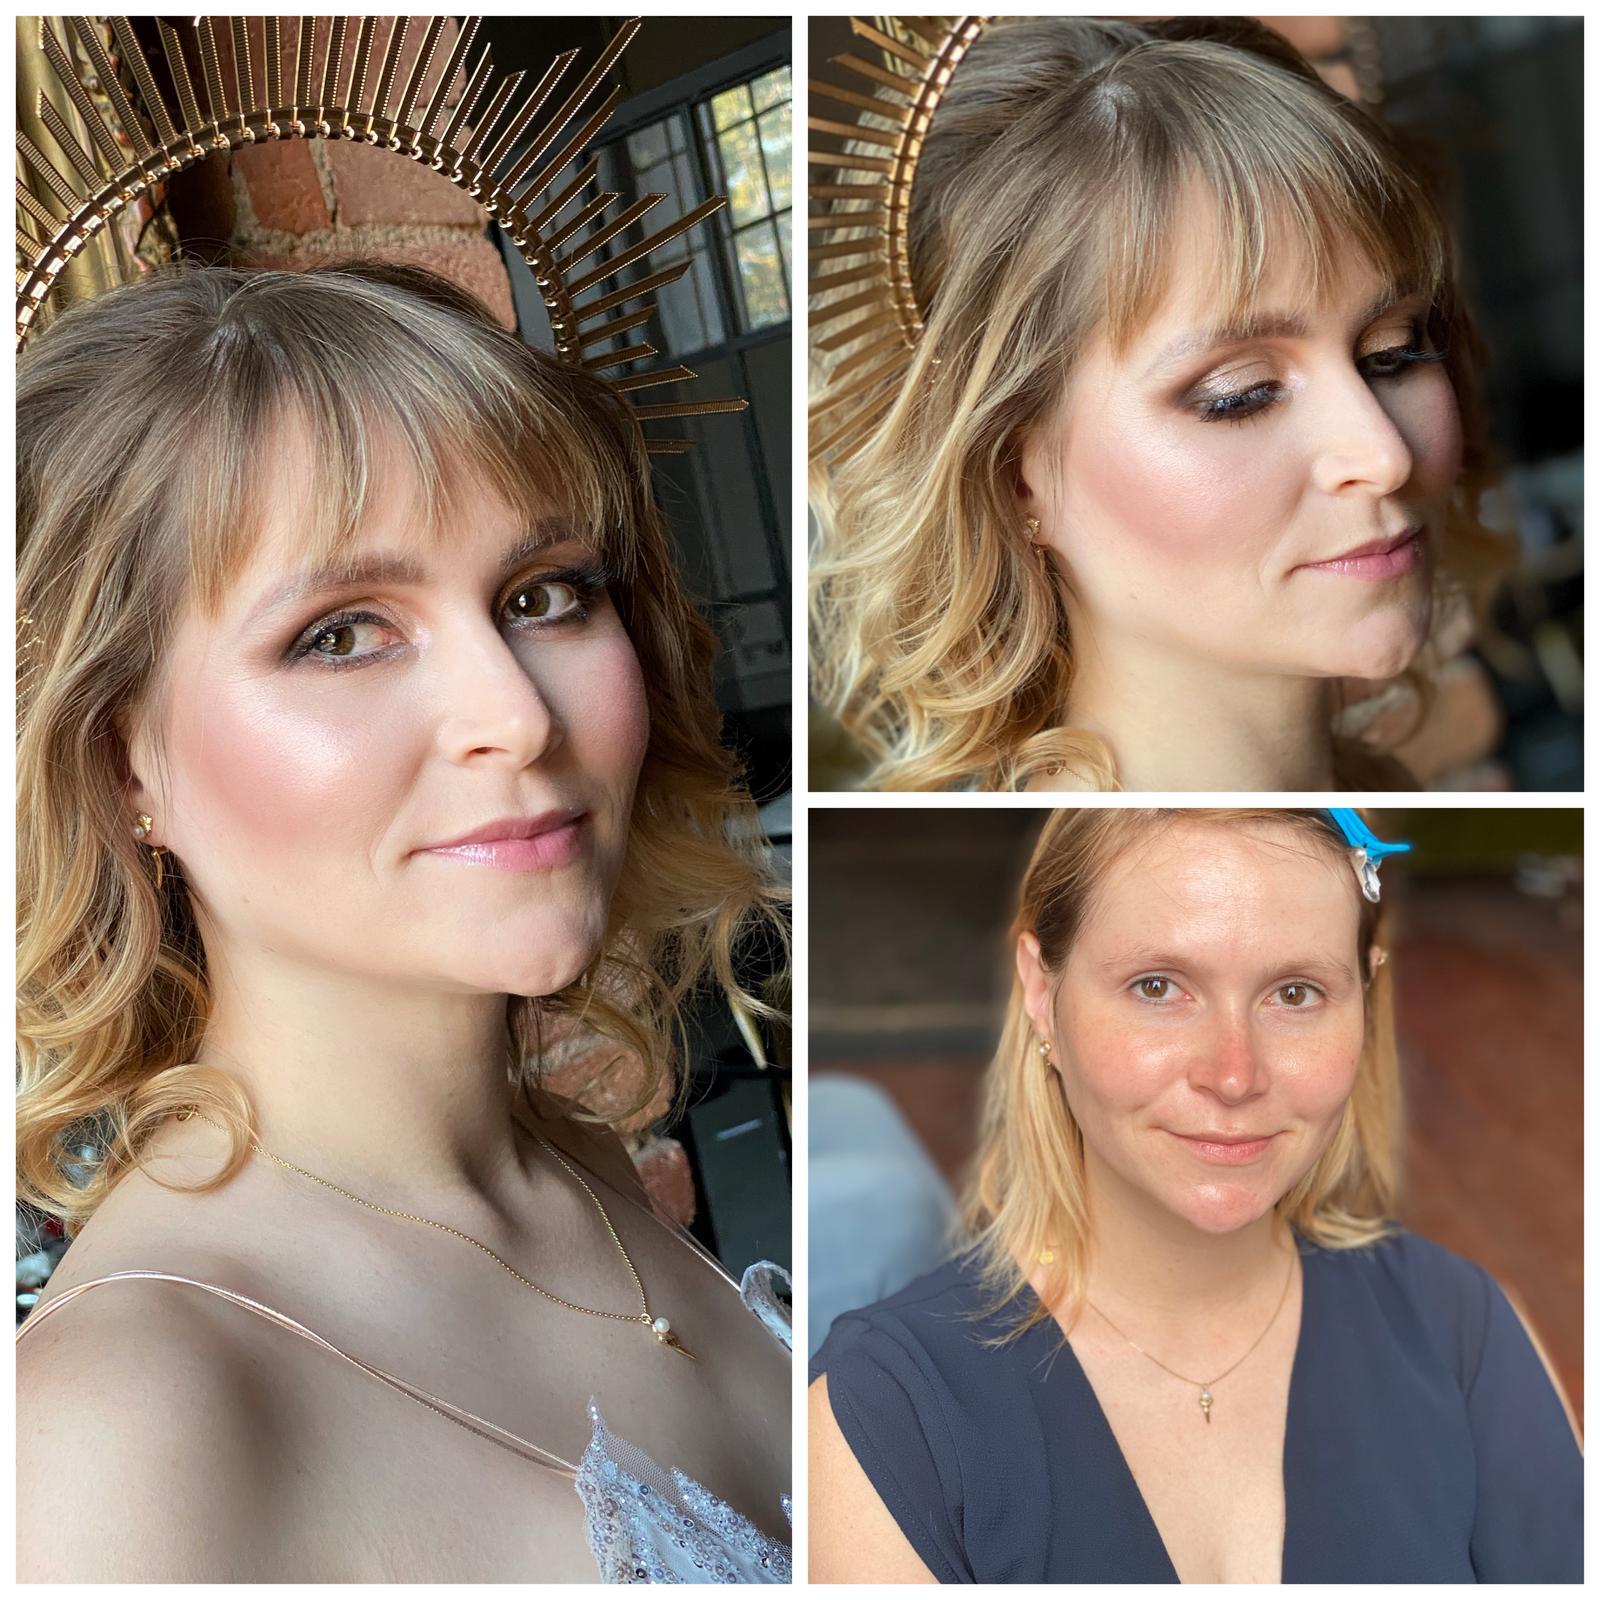 Makeup & hair 2020 - Velmi výrazný makeup na focení🙏🏻, sjednocení pleti, výrazné lícní kosti,stínované oko s výraznou linkou a mořem třpytu💛🌿